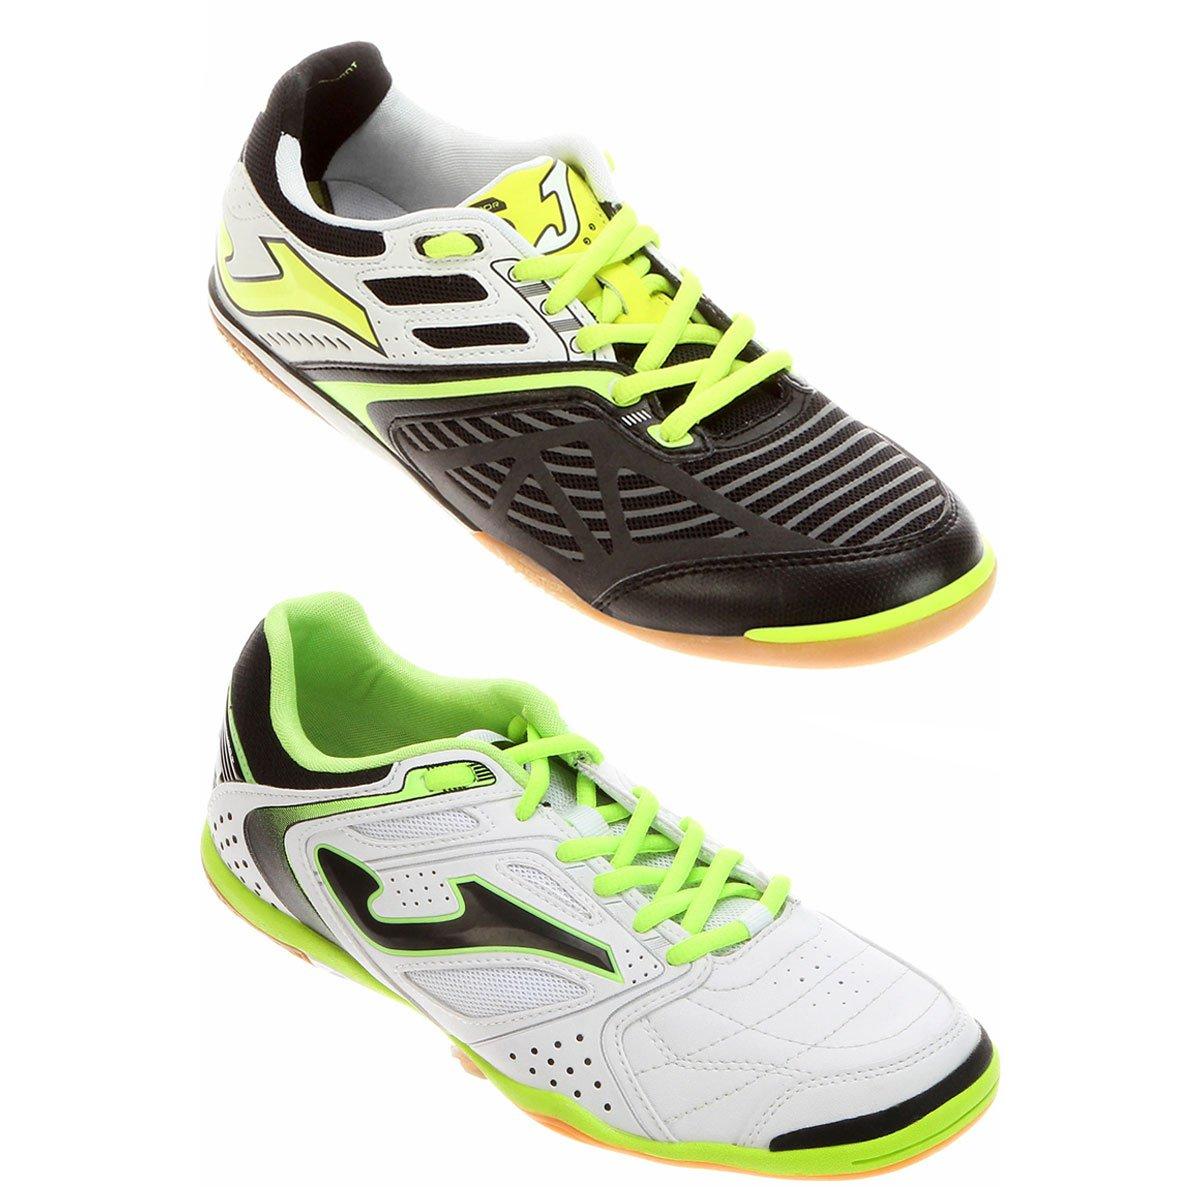 c710c4703d Kit Chuteira Joma Lozano Futsal + Chuteira Joma Dribling Futsal - Compre  Agora